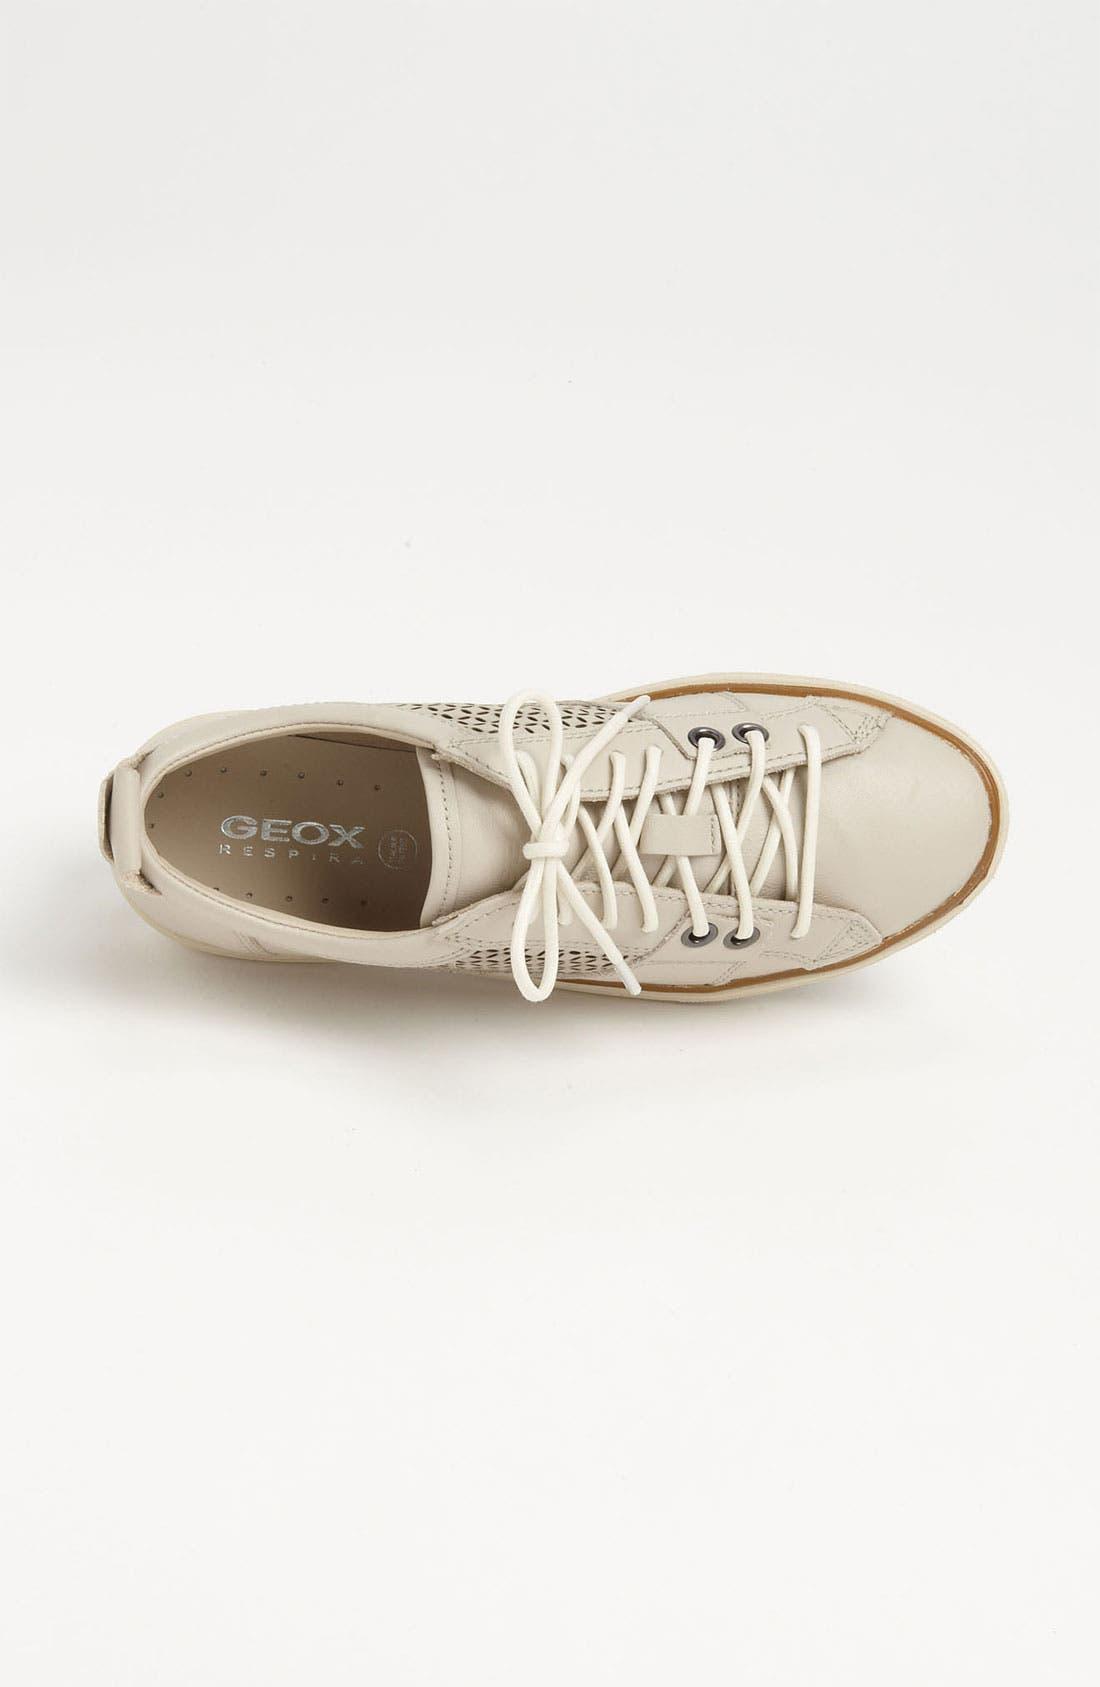 Alternate Image 3  - Geox 'Alike' Sneaker (Women) (Online Only)